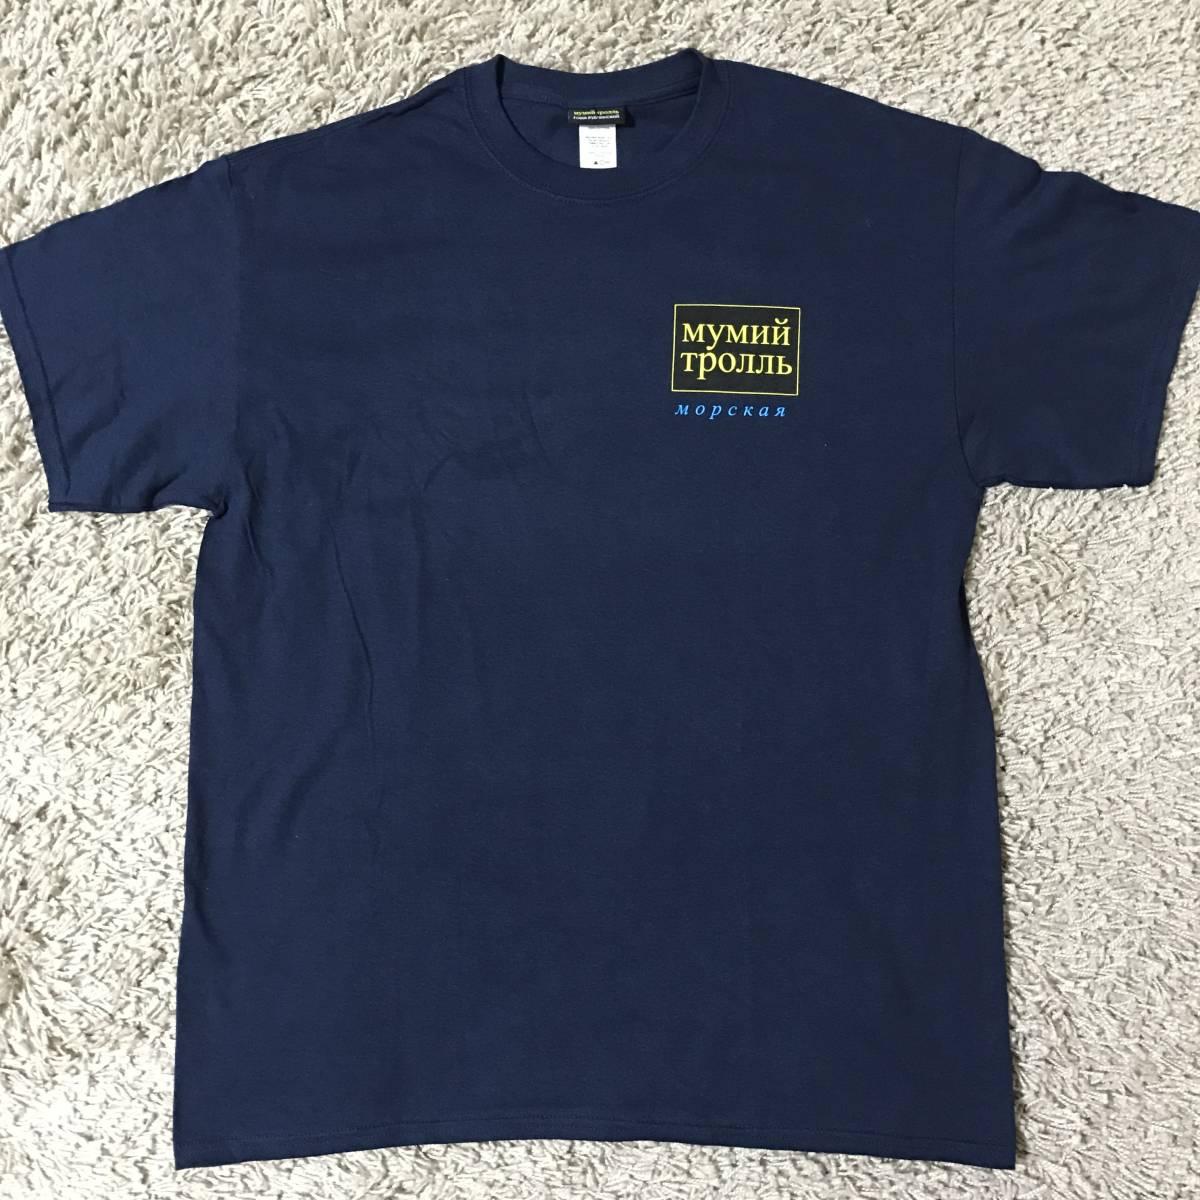 gosha rubchinskiy x Mumiy Troll DSMG限定Tシャツ L/ゴーシャ ラブチンスキー adidas dover street market